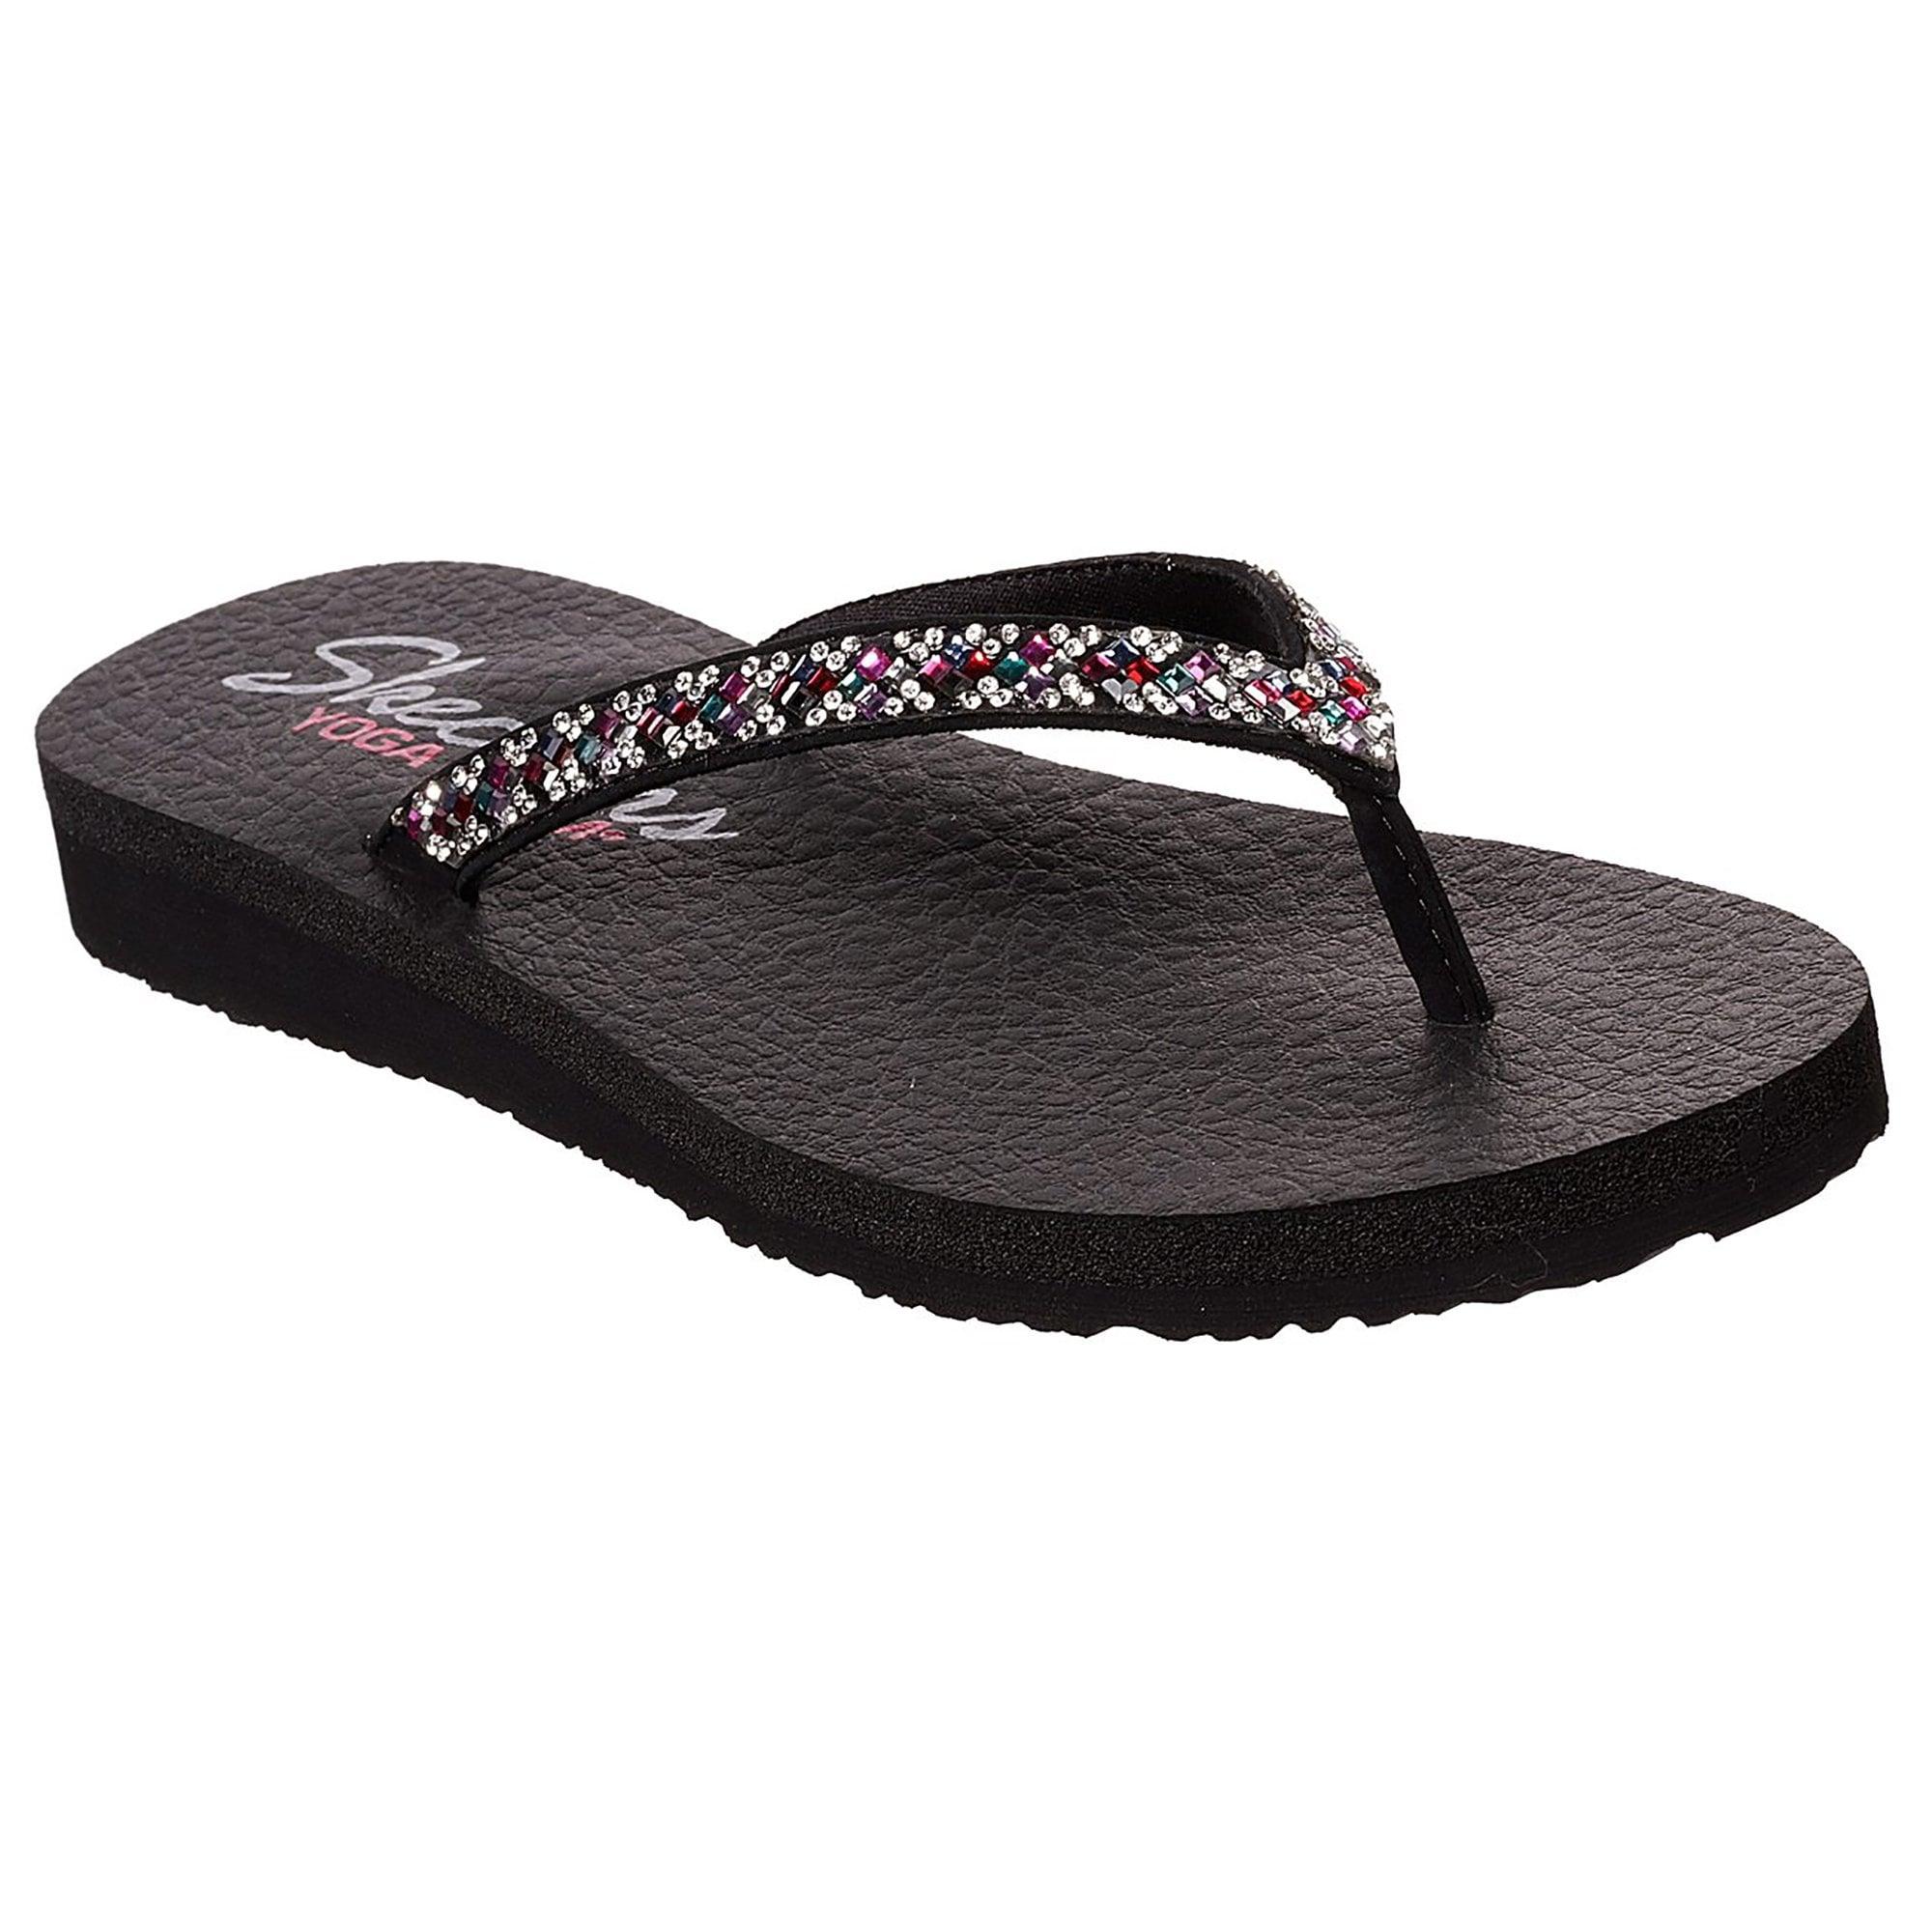 skechers flip flops uk